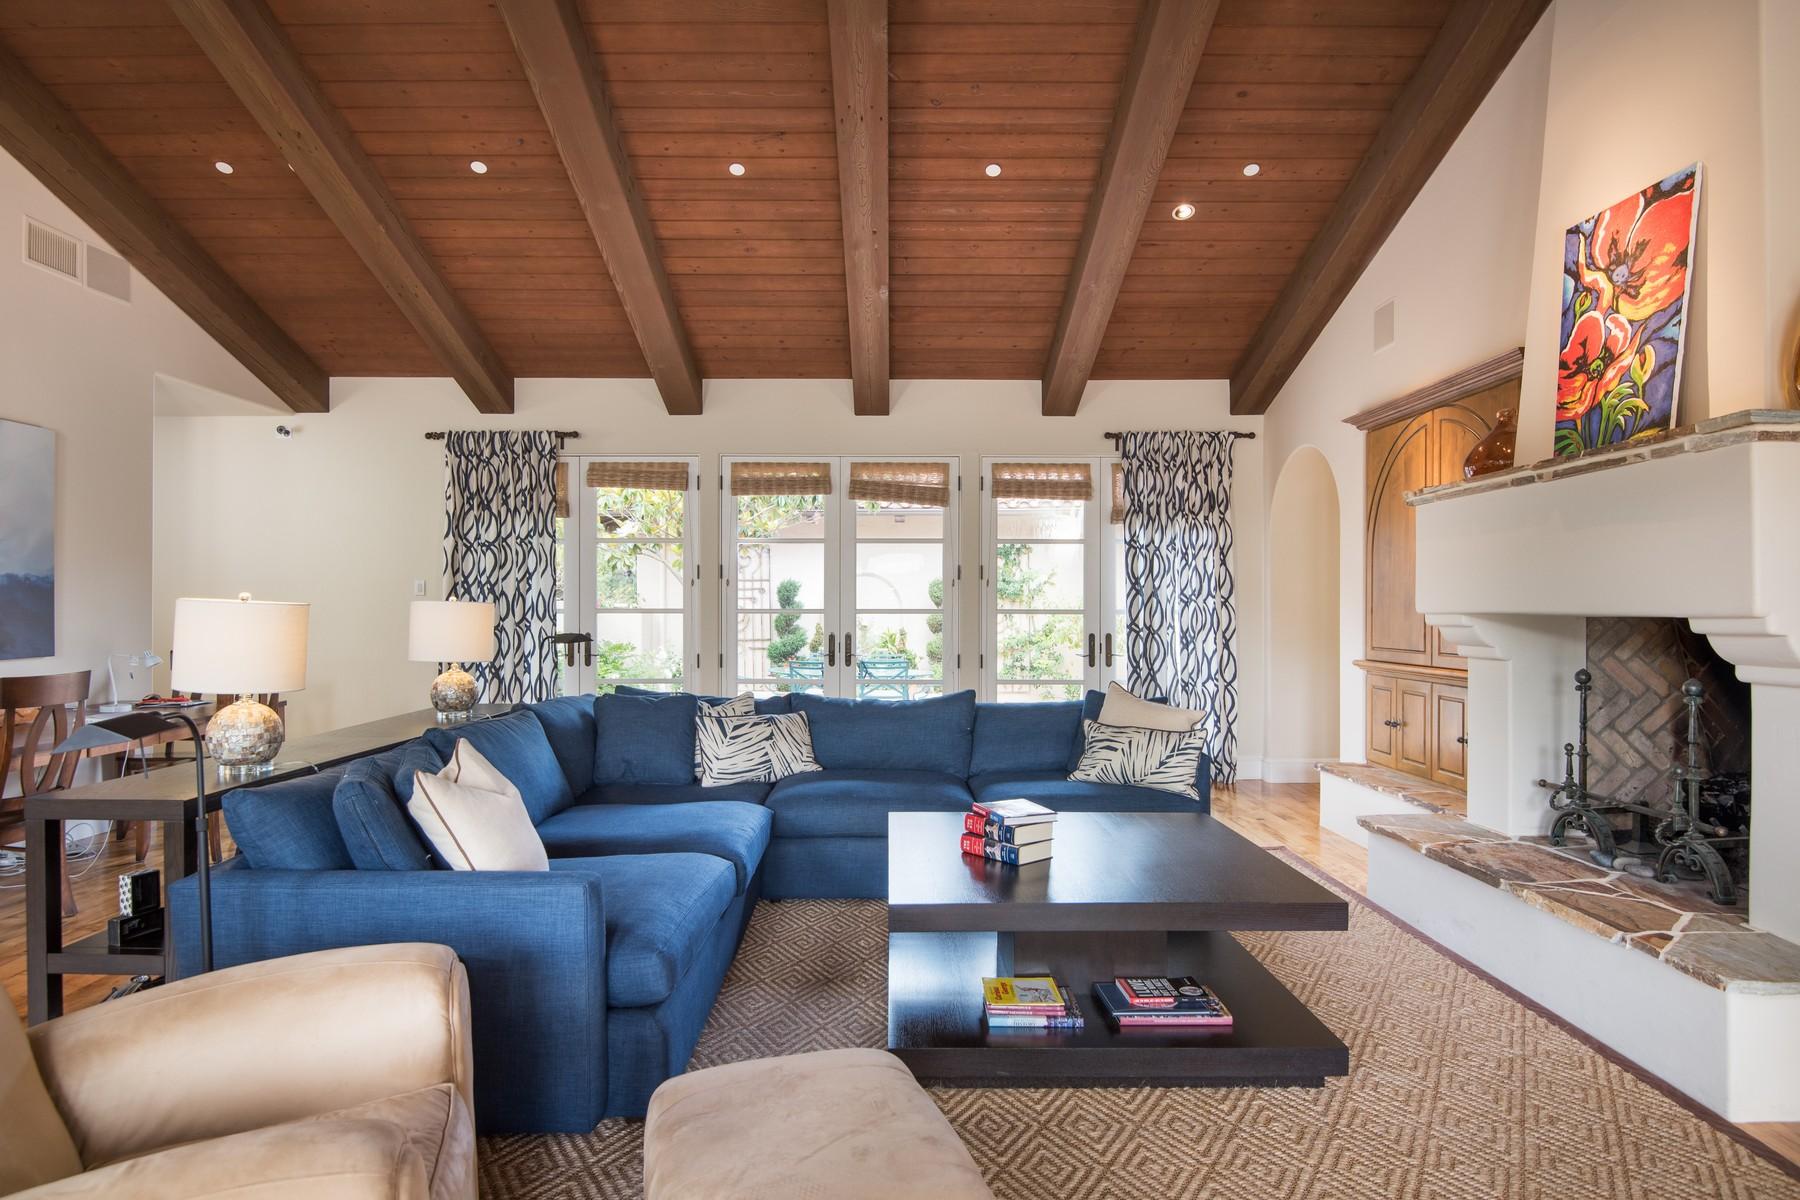 Single Family Home for Sale at San Elijo 5546 San Elijo Rancho Santa Fe, California 92067 United States